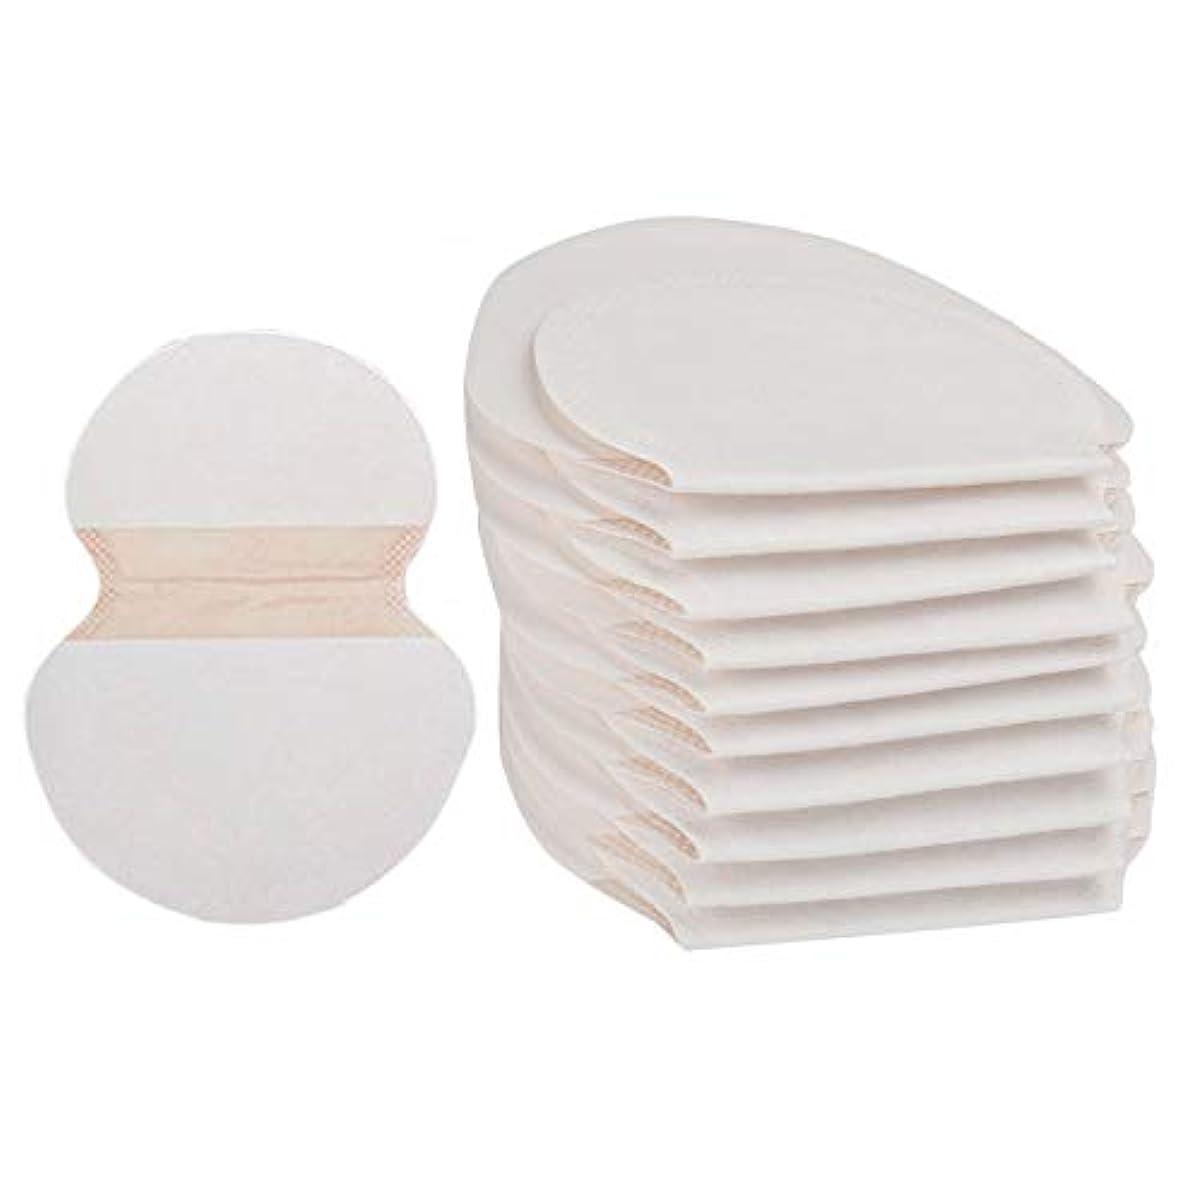 冷蔵庫グローグローブFantasyRe わき汗パッド 汗わきパッド 汗取りパット わき メンズ レディース シャツ ベージュさらさら あせジミ防止 防臭シート 無香料 大きめ 60PC